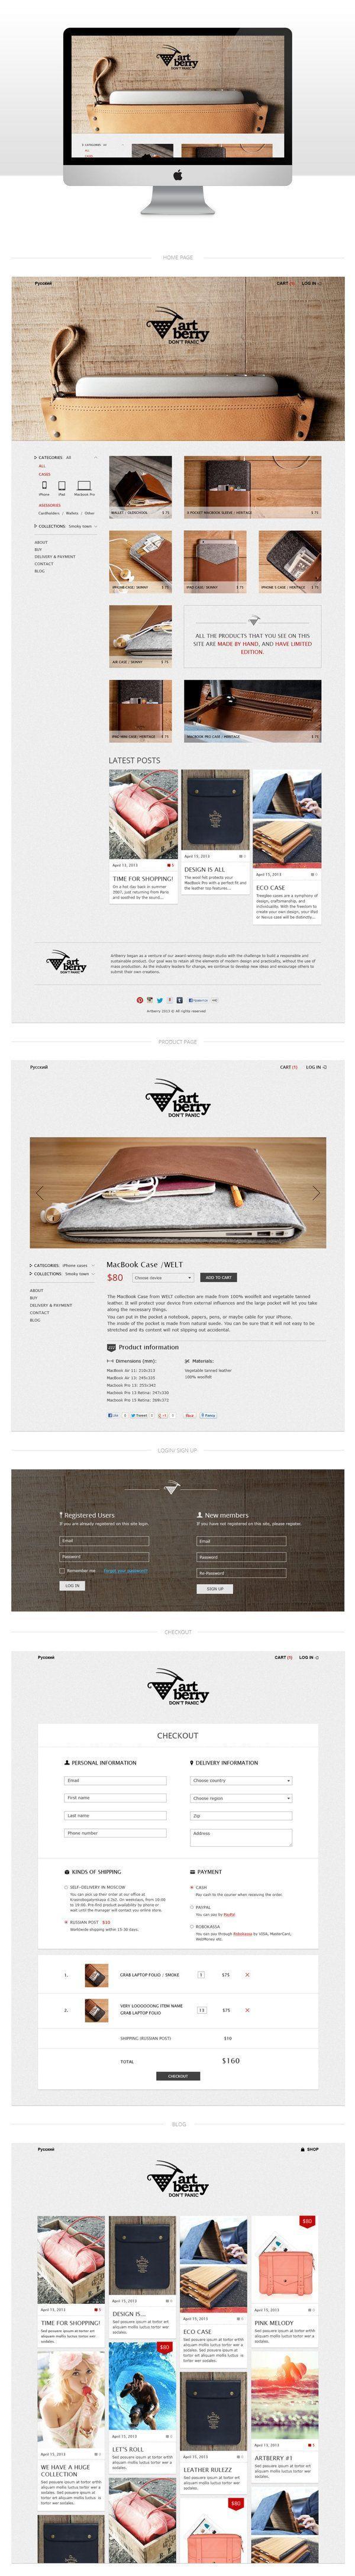 E-commerce design for Artberry by Eugenee Kremnyova | UX/UI/design